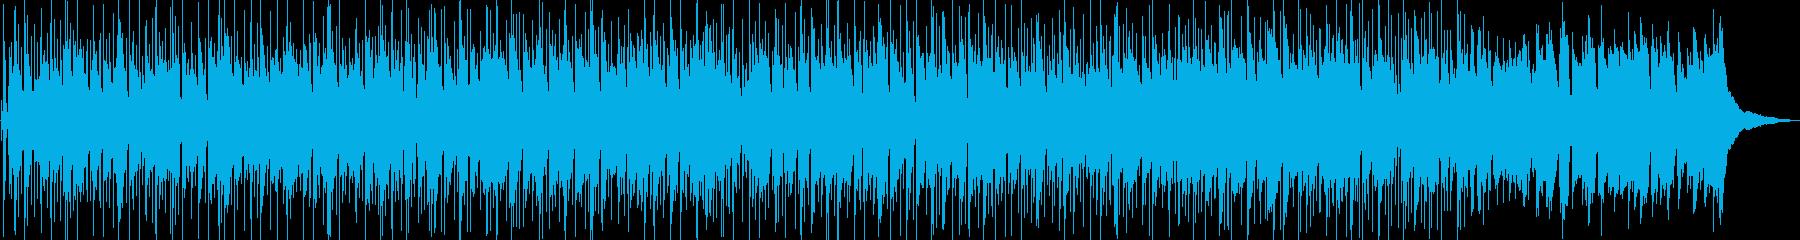 陽炎が揺れる景色をイメージしたBGMの再生済みの波形